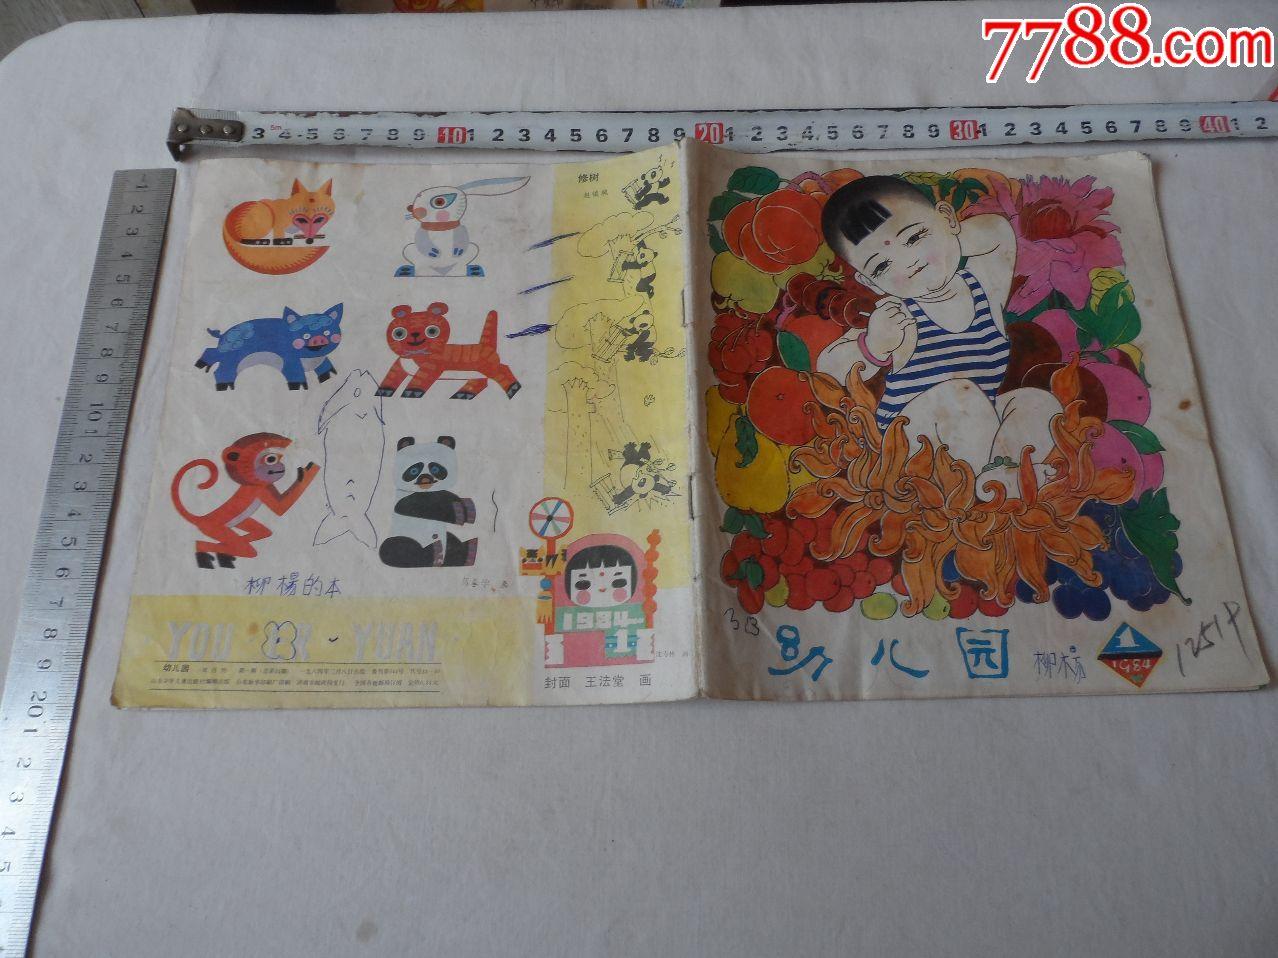 图文并茂.1984年.幼儿园1.山东少年儿童出版社【2018—05—30】